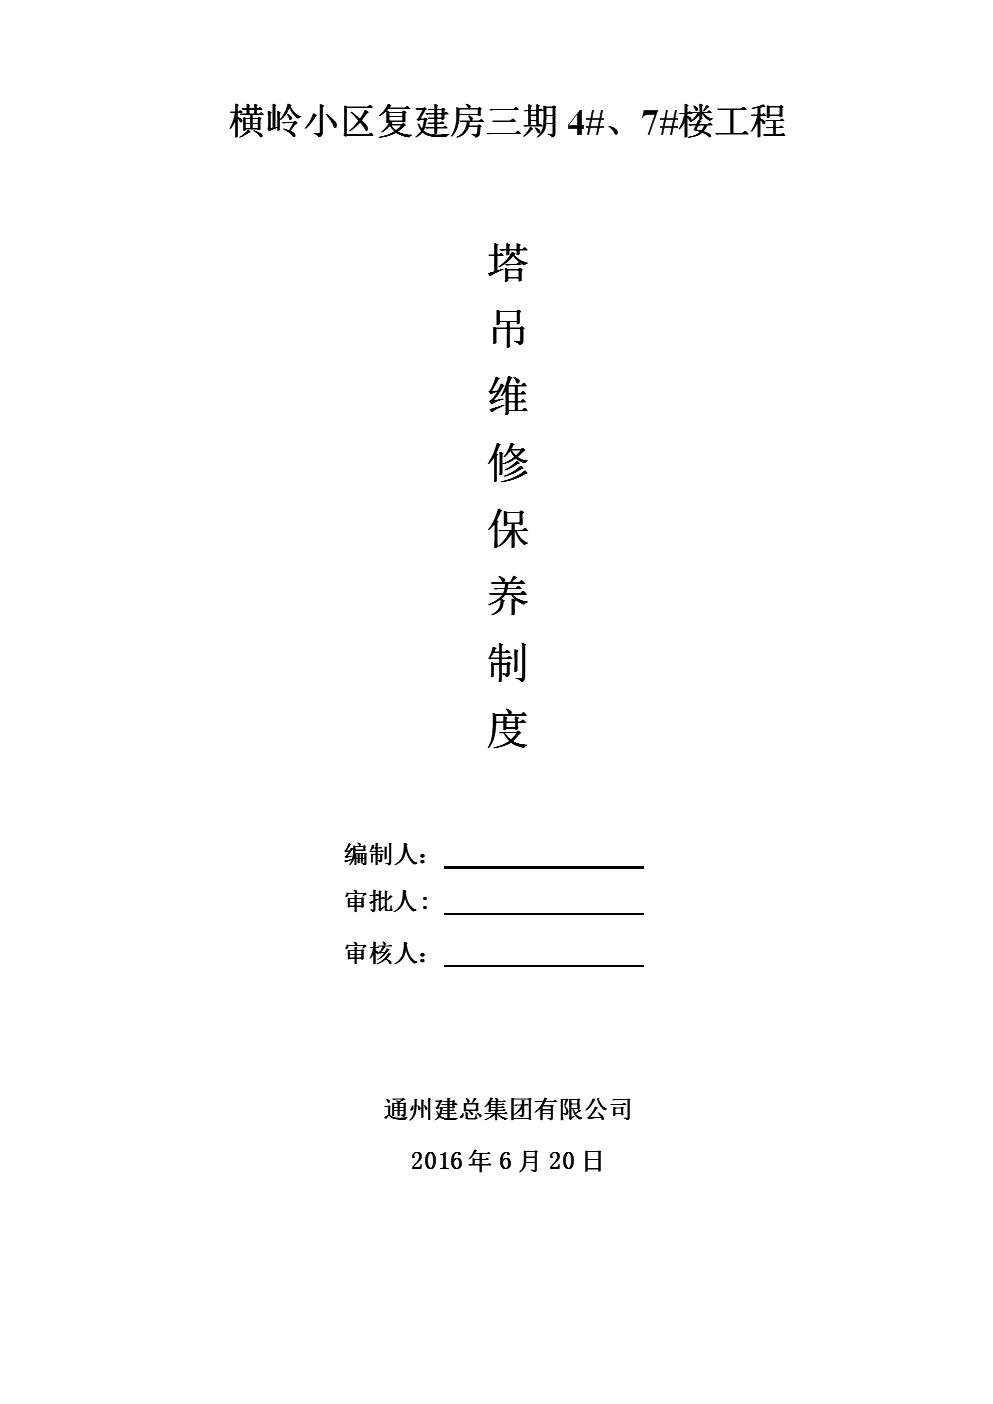 塔吊维修保养管理制度 (全面实用).doc